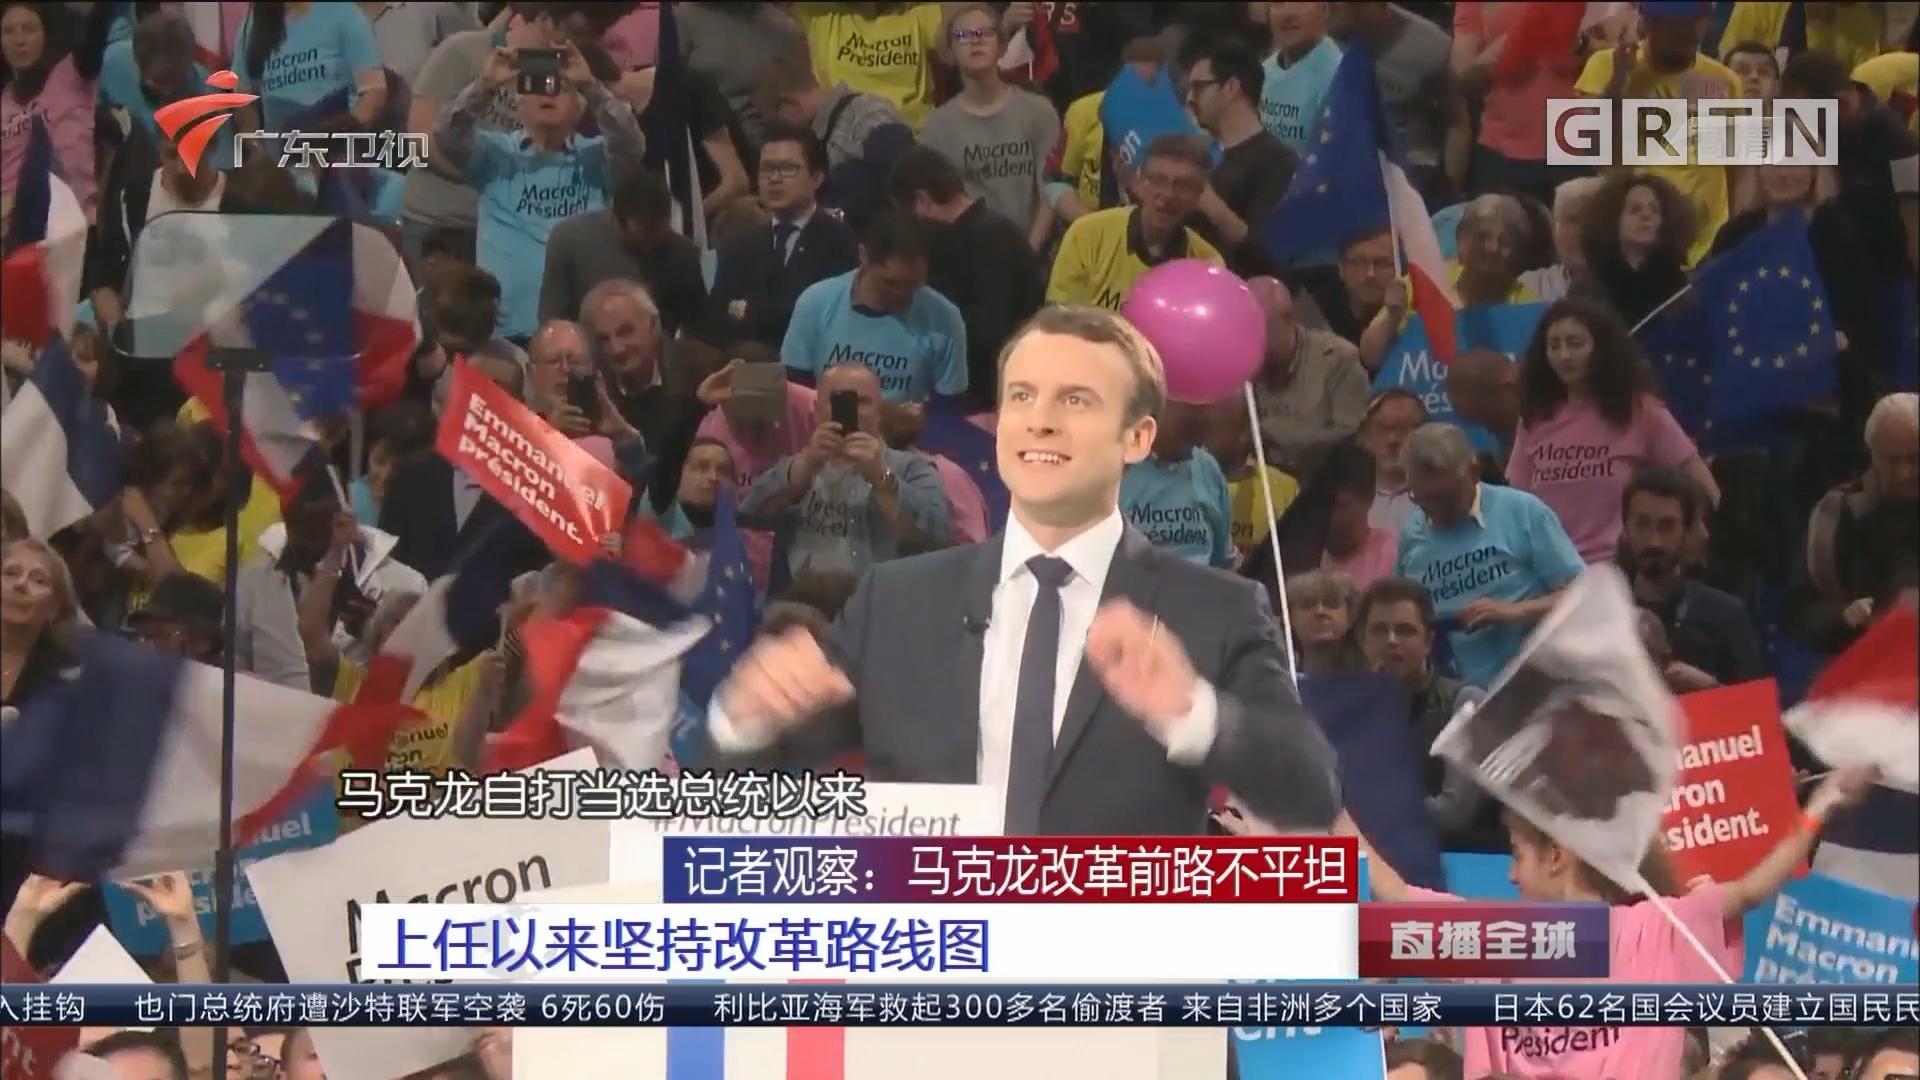 记者观察:马克龙改革前路不平坦 上任以来坚持改革路线图